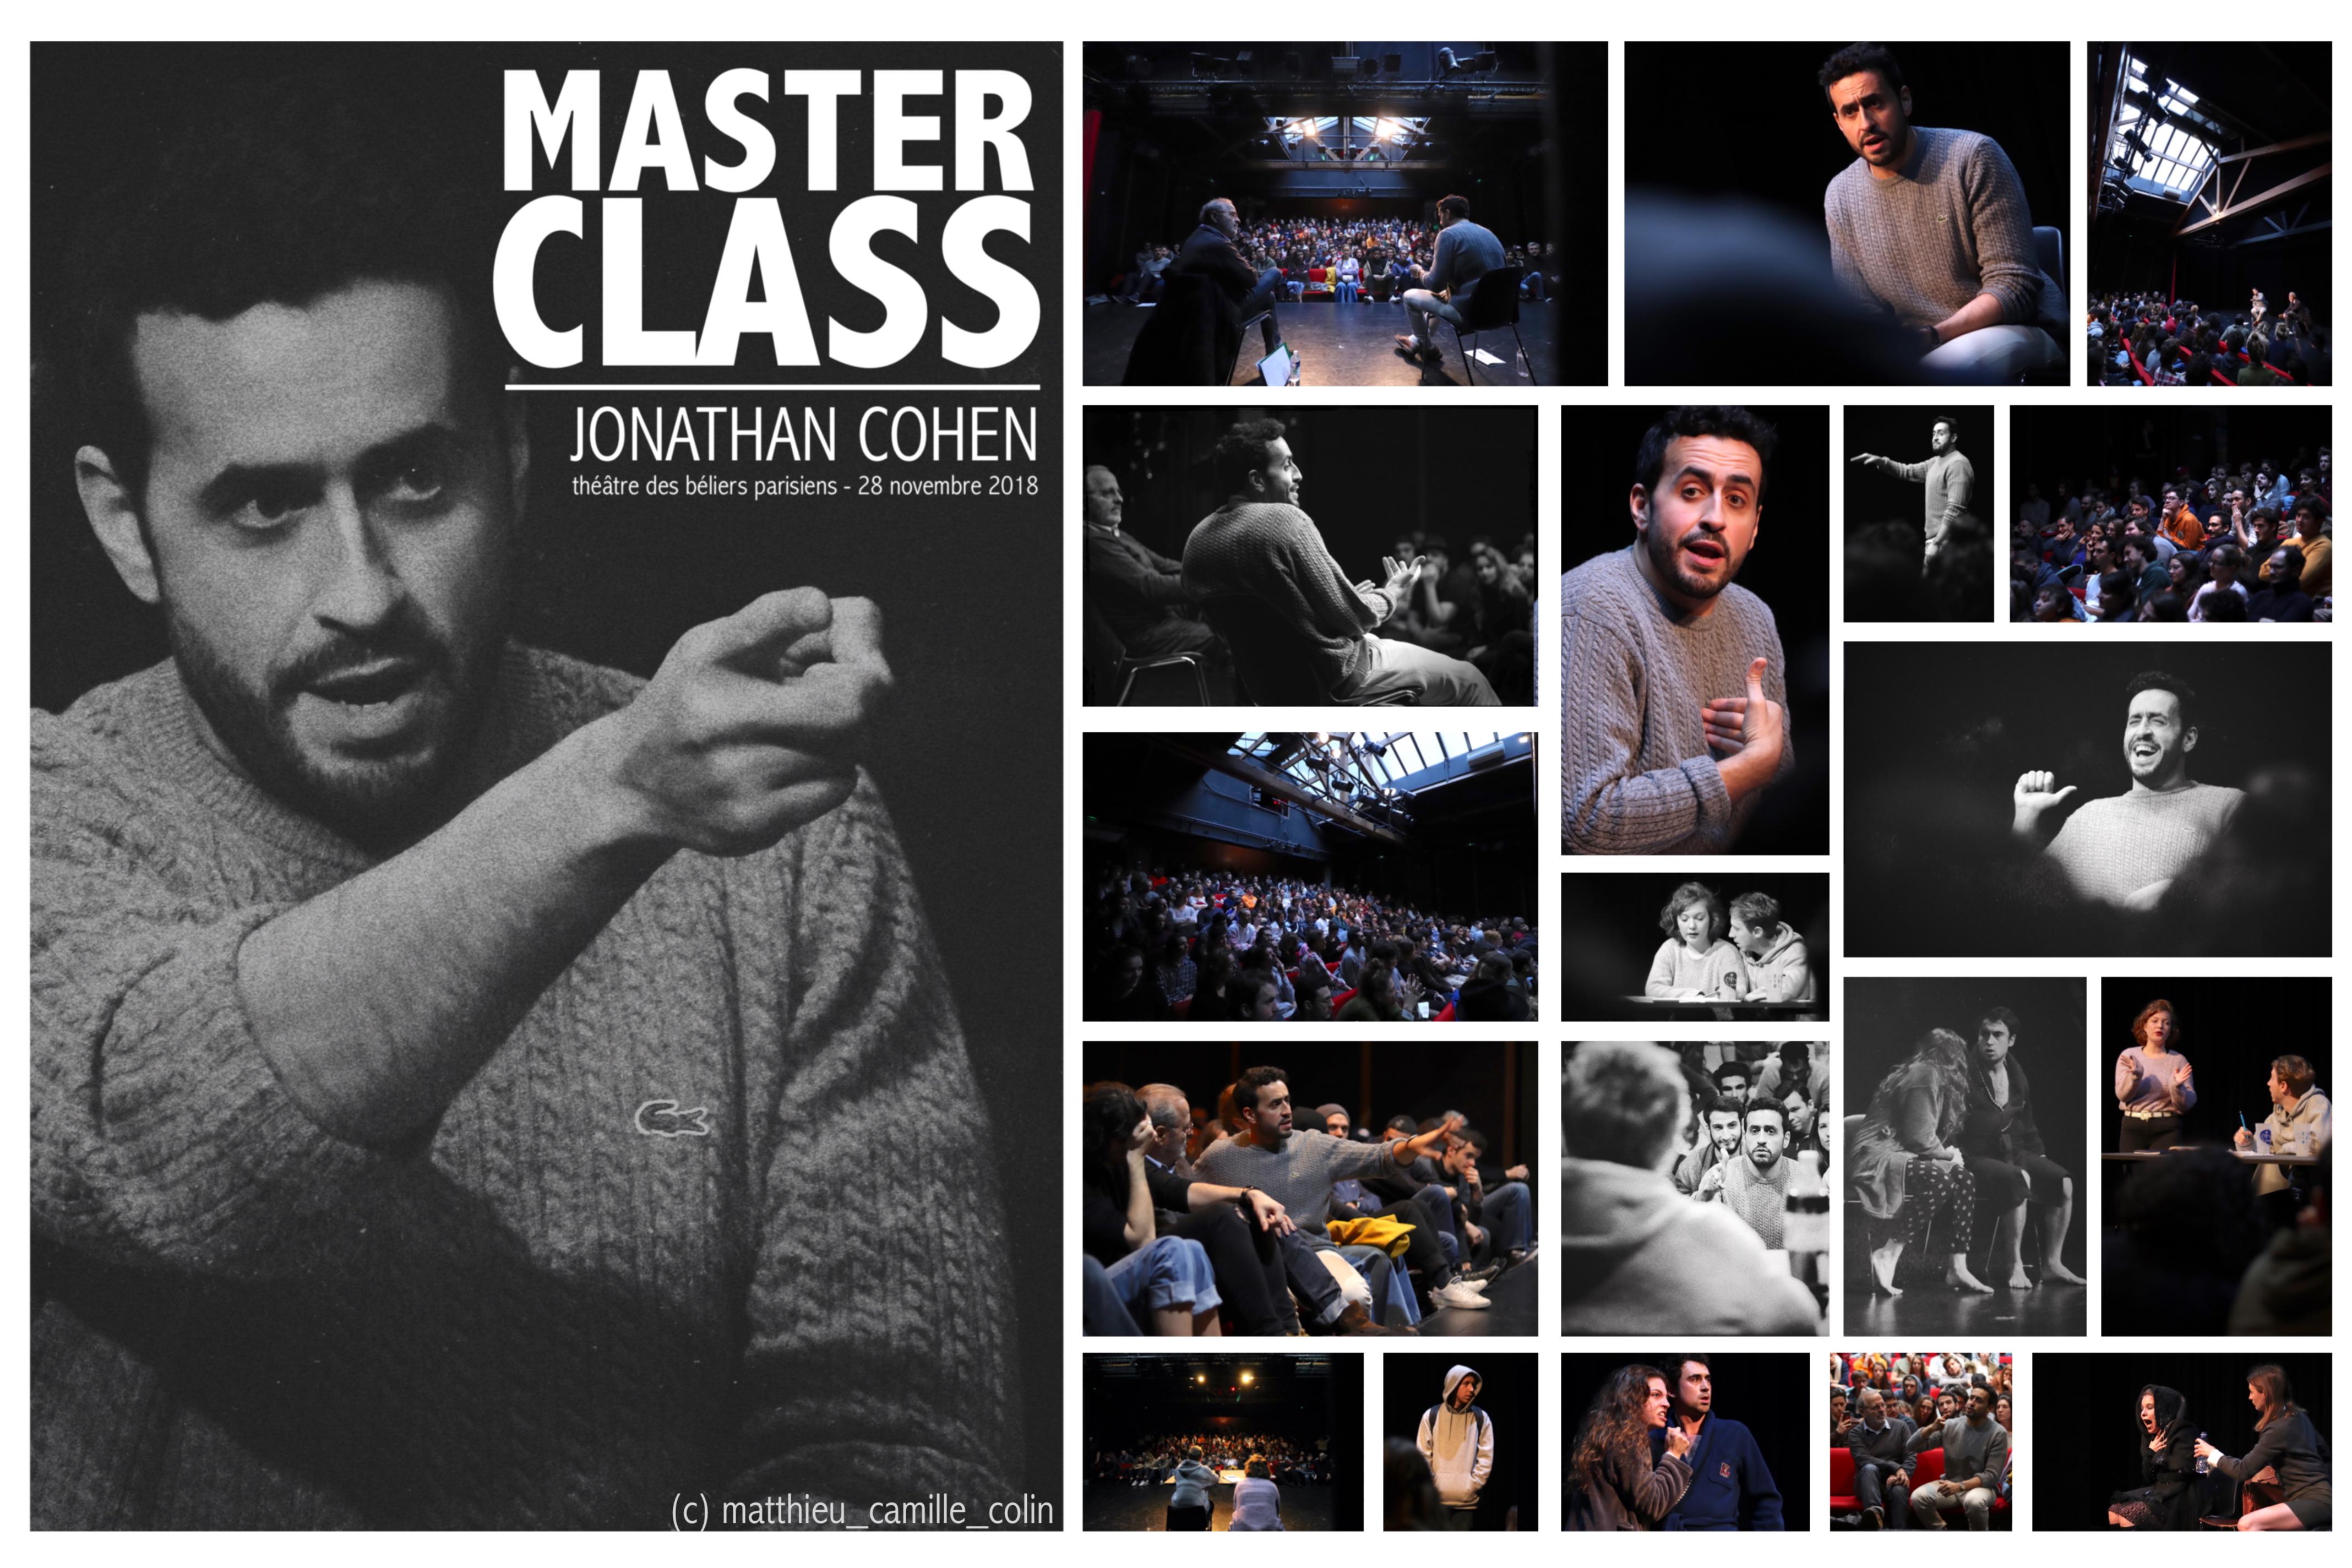 Master Class Jonathan Cohen